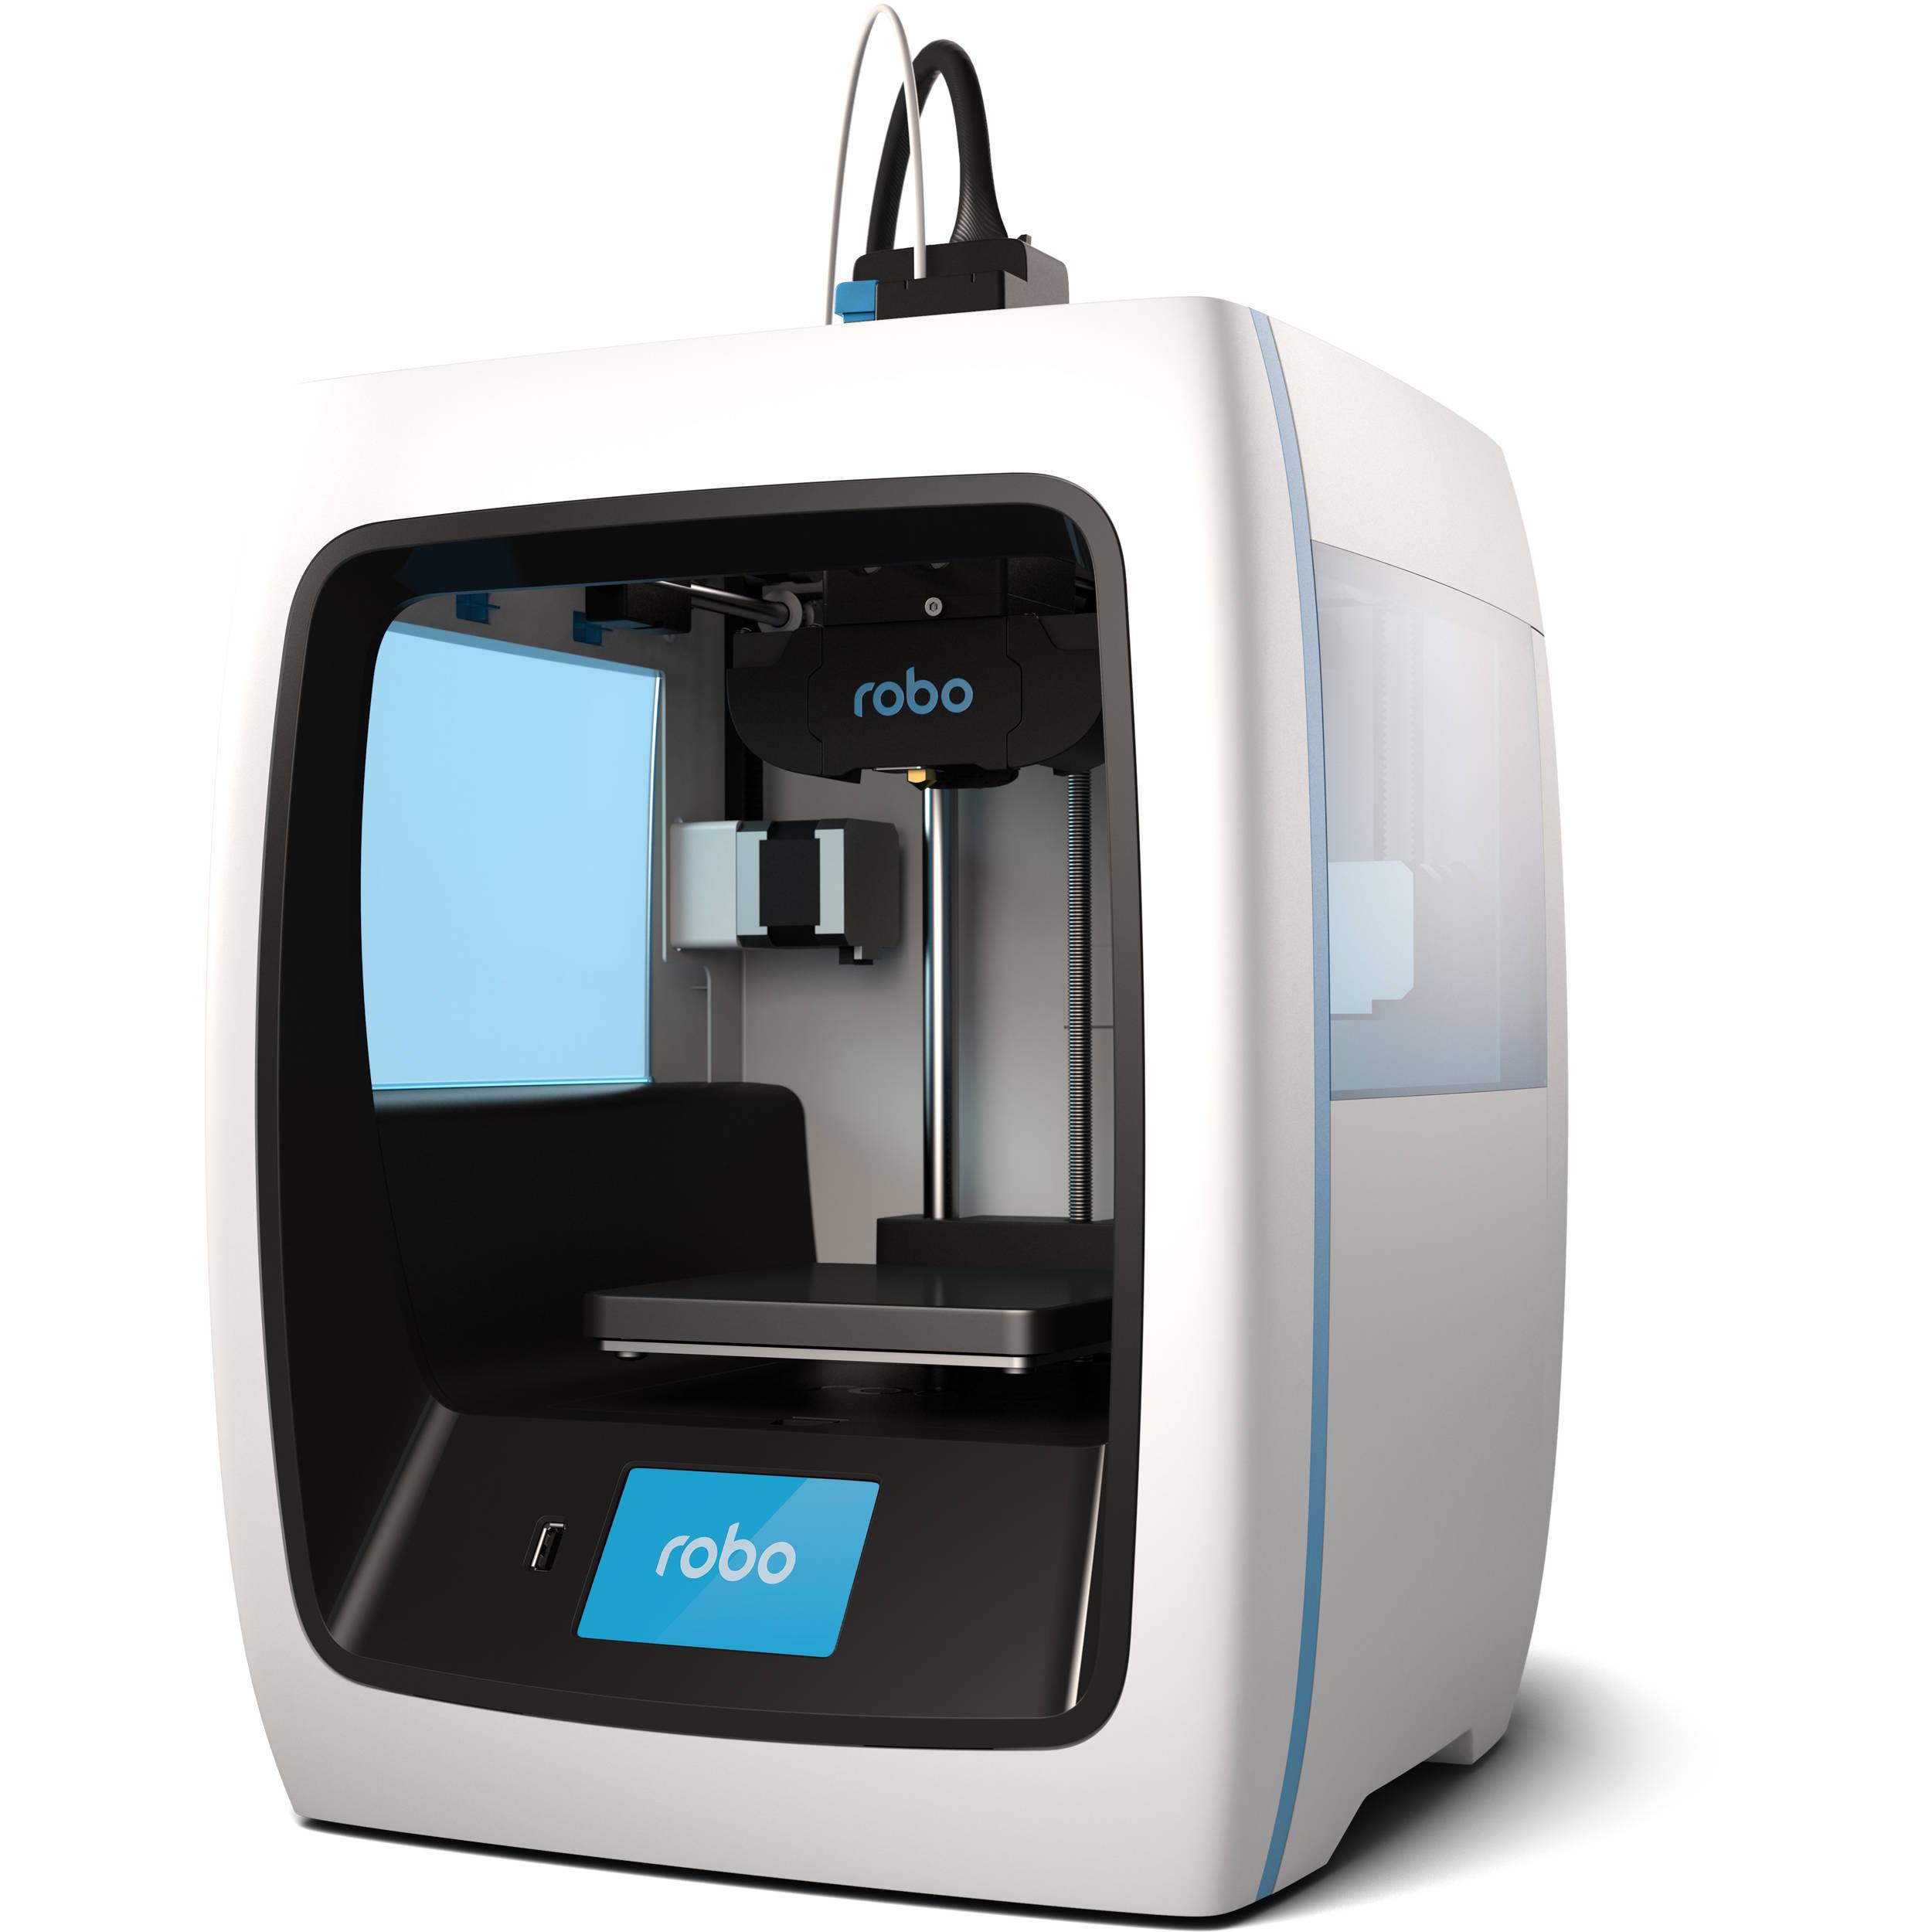 ロボ3Dが教育用3Dプリンティングプラットフォームメーカーのマイステムキッツを買収